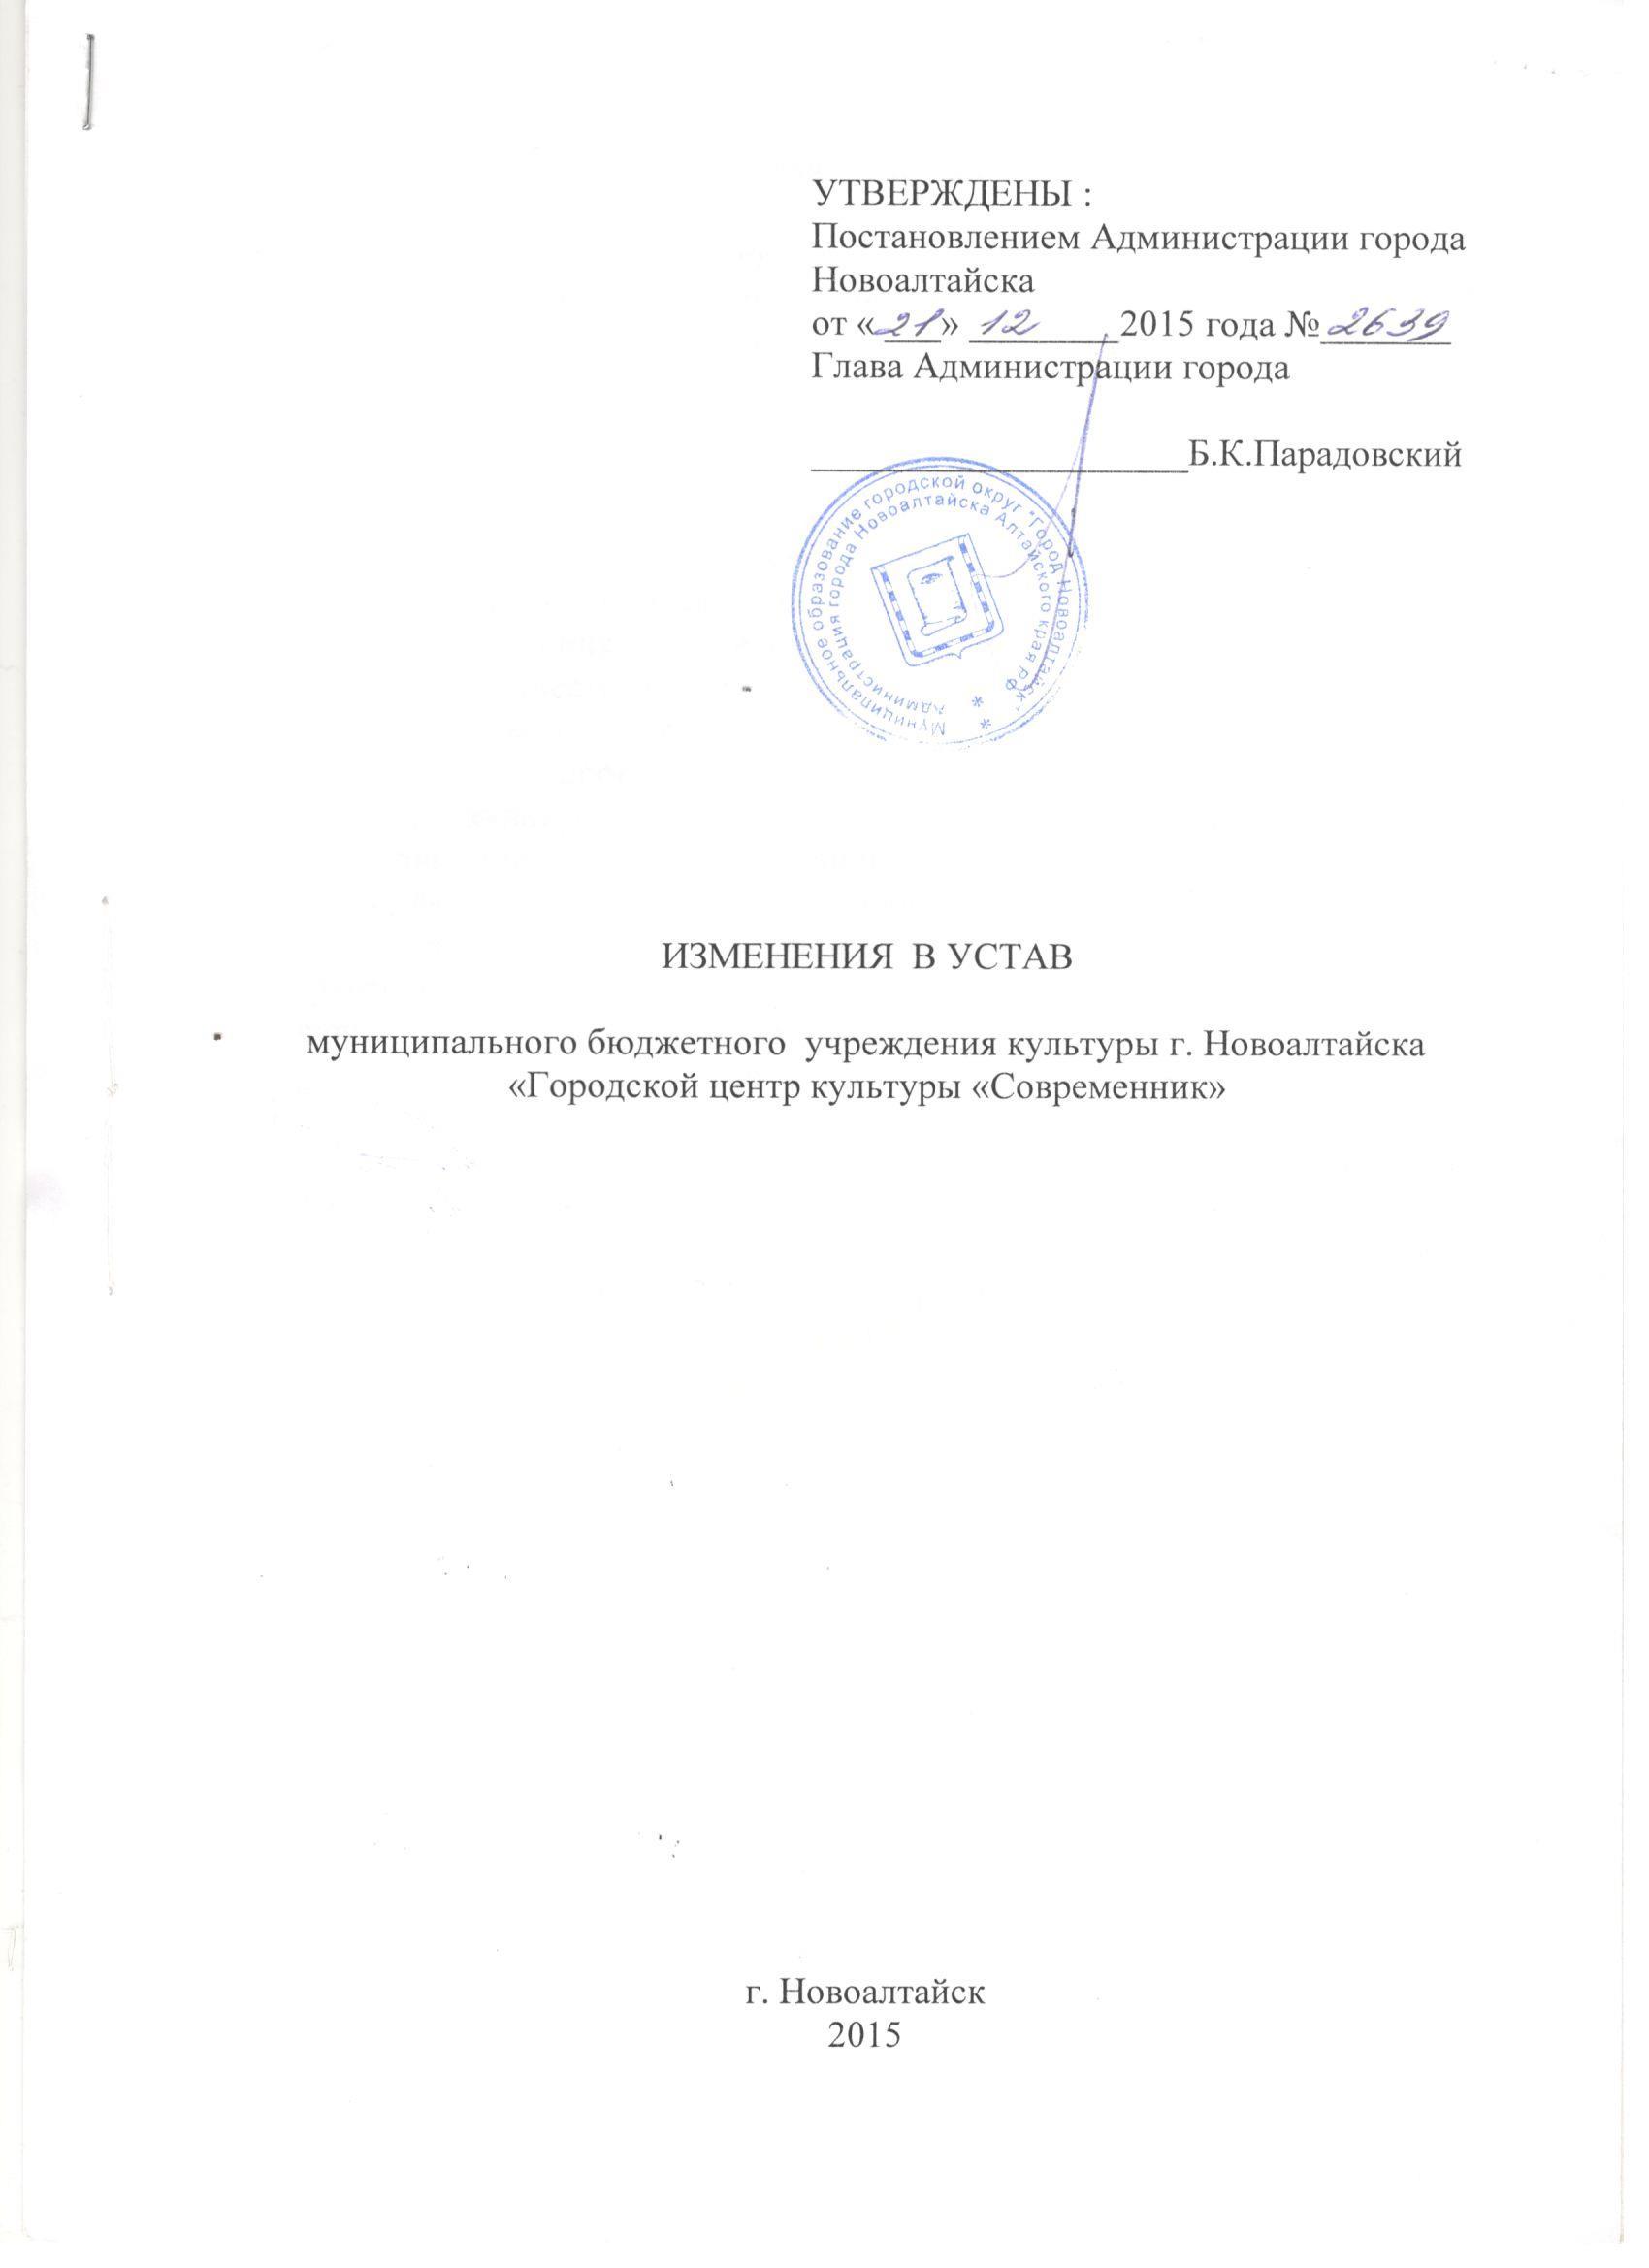 15   21.12.2015г.  1  изменения